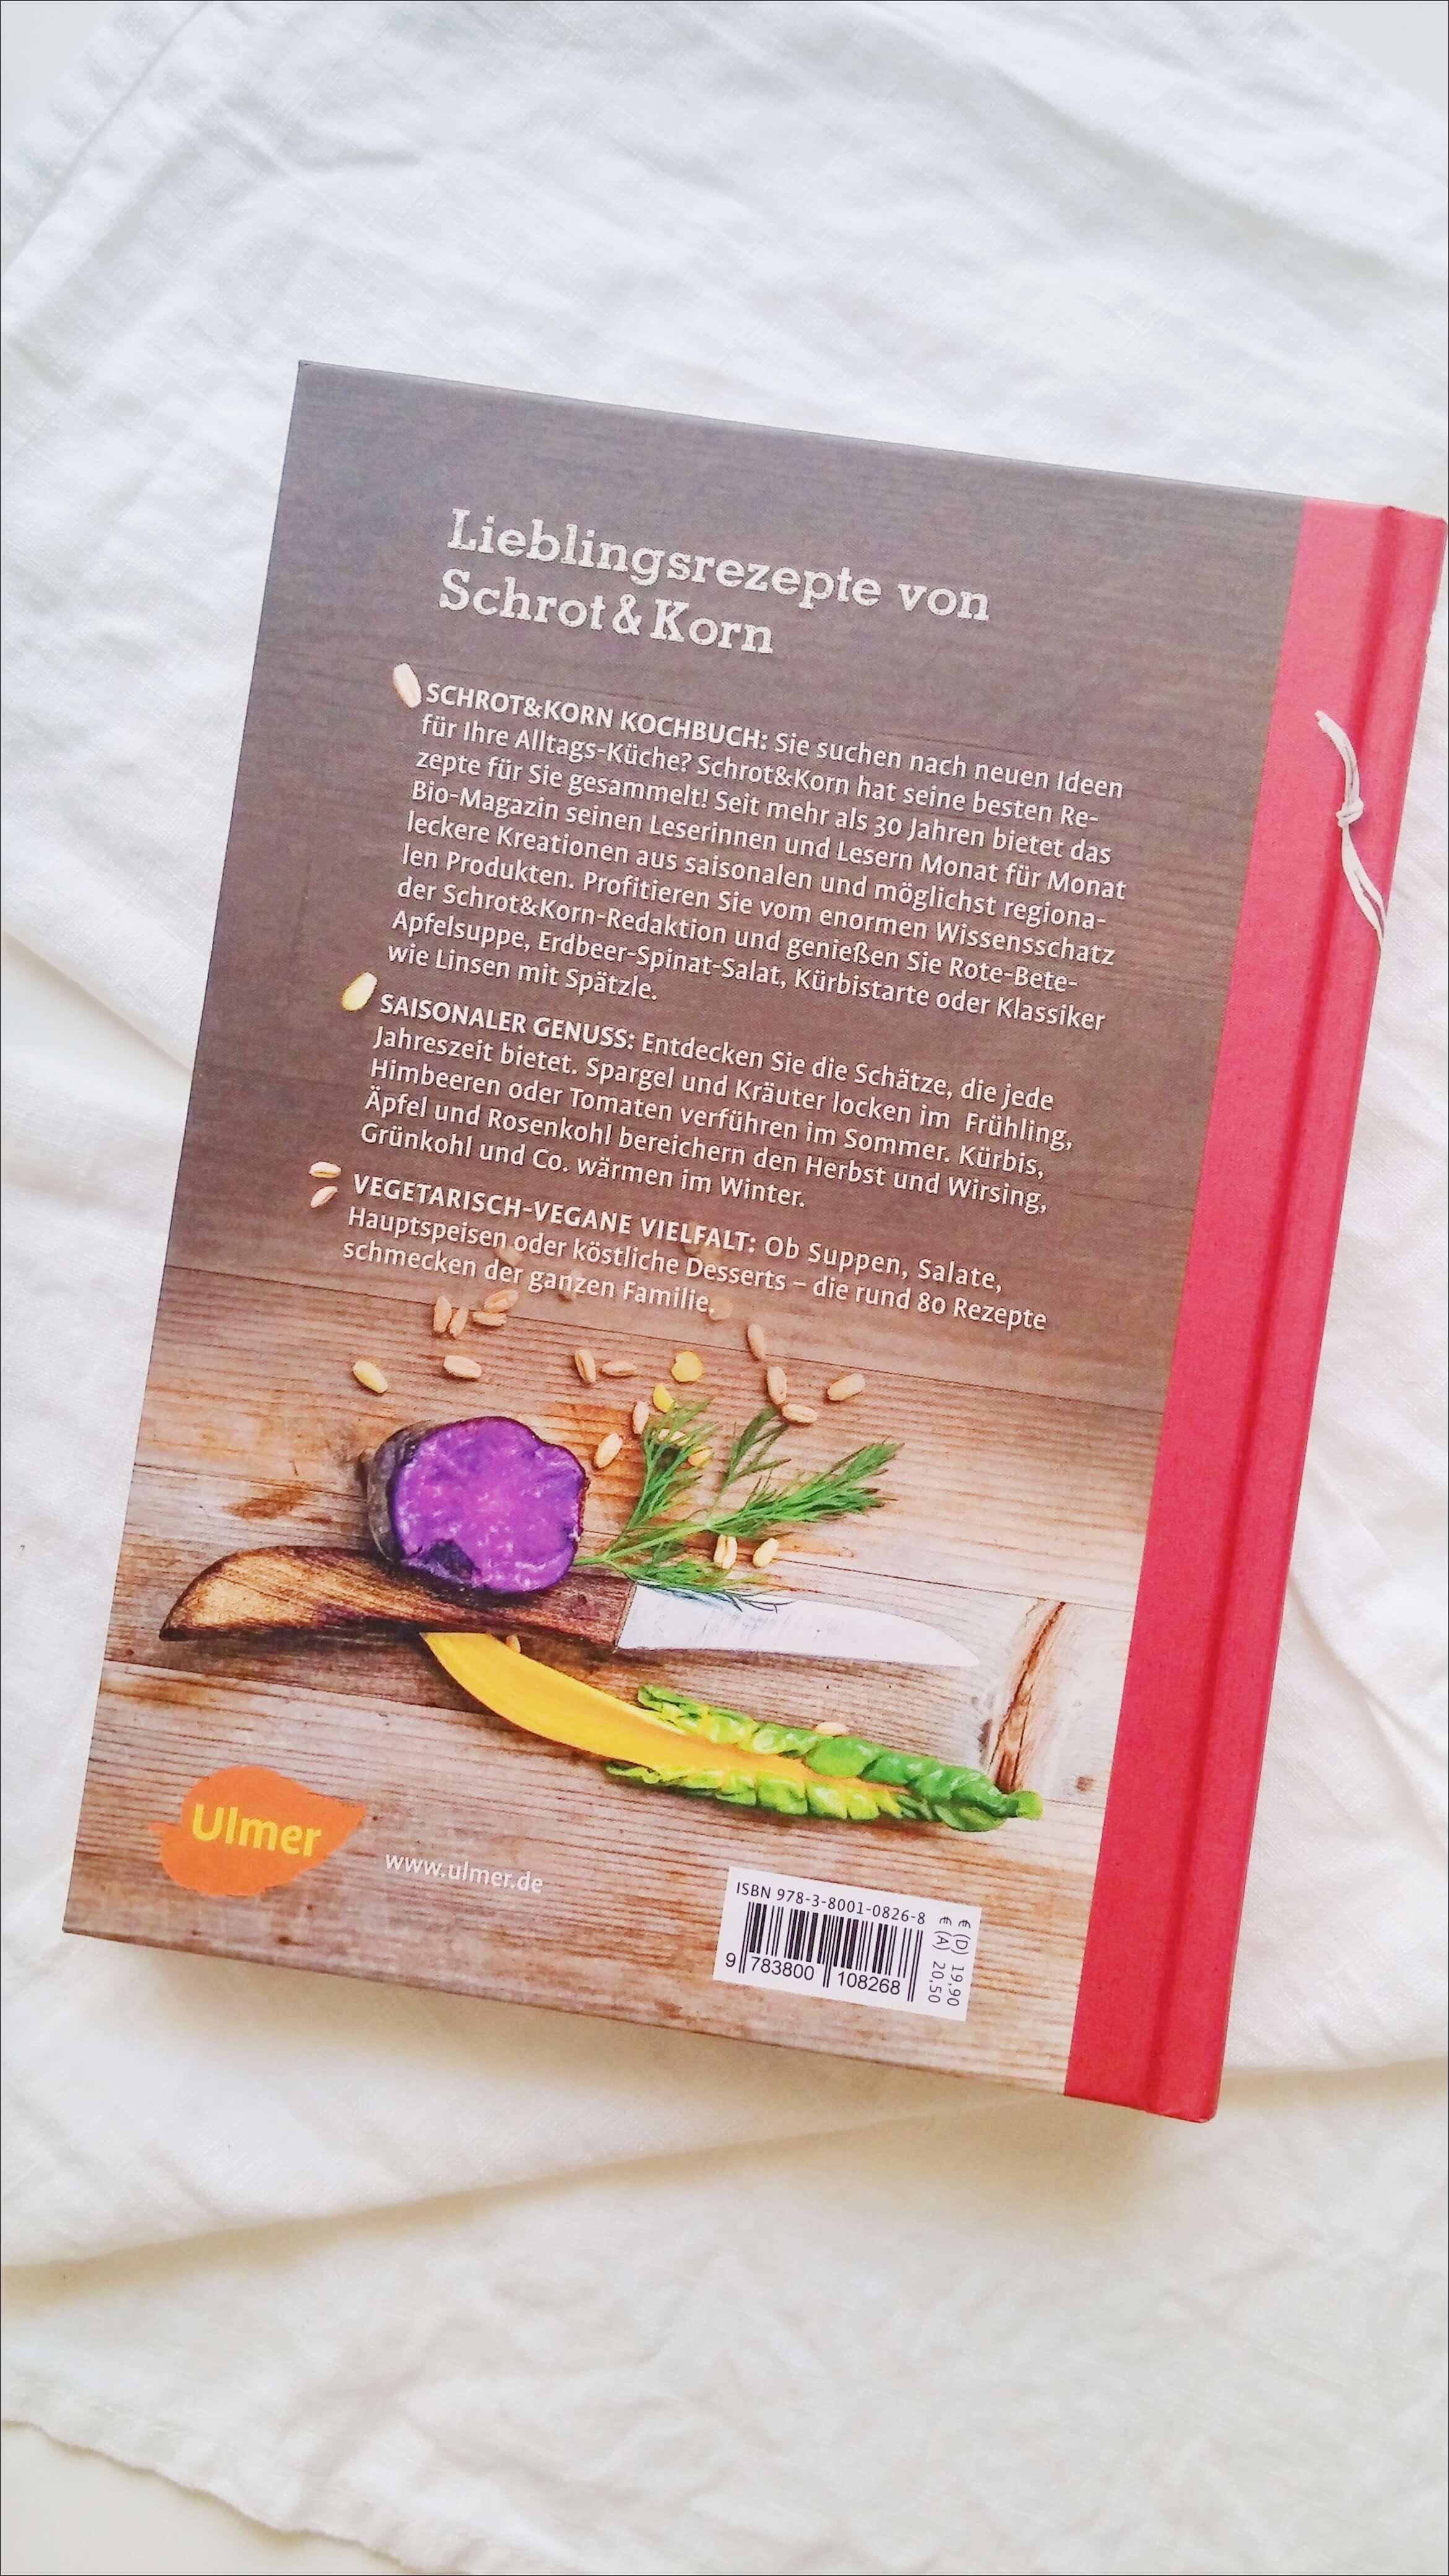 Schrot & Korn: das Kochbuch [Gewinnspiel]